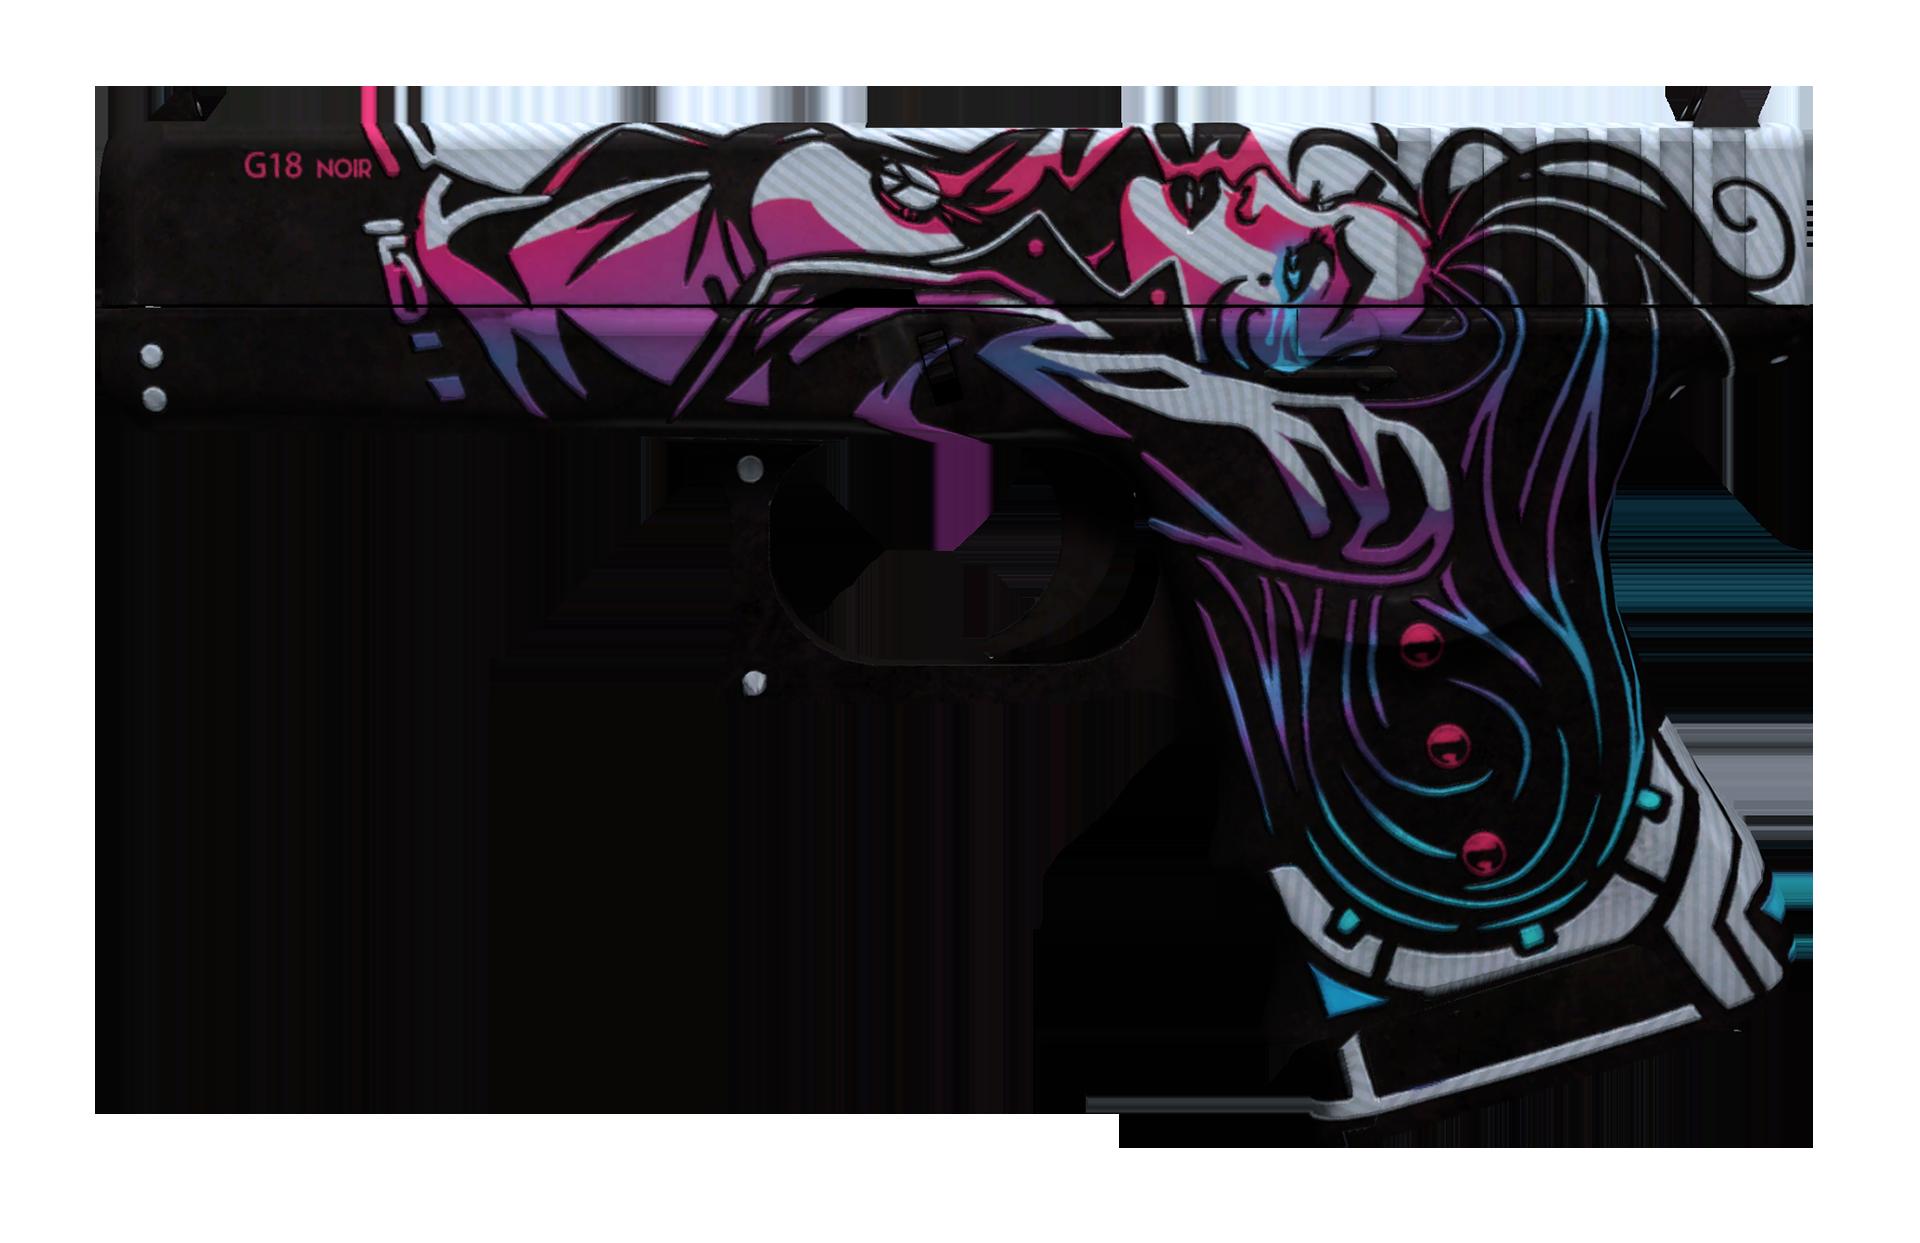 Glock-18 Neo-Noir Large Rendering